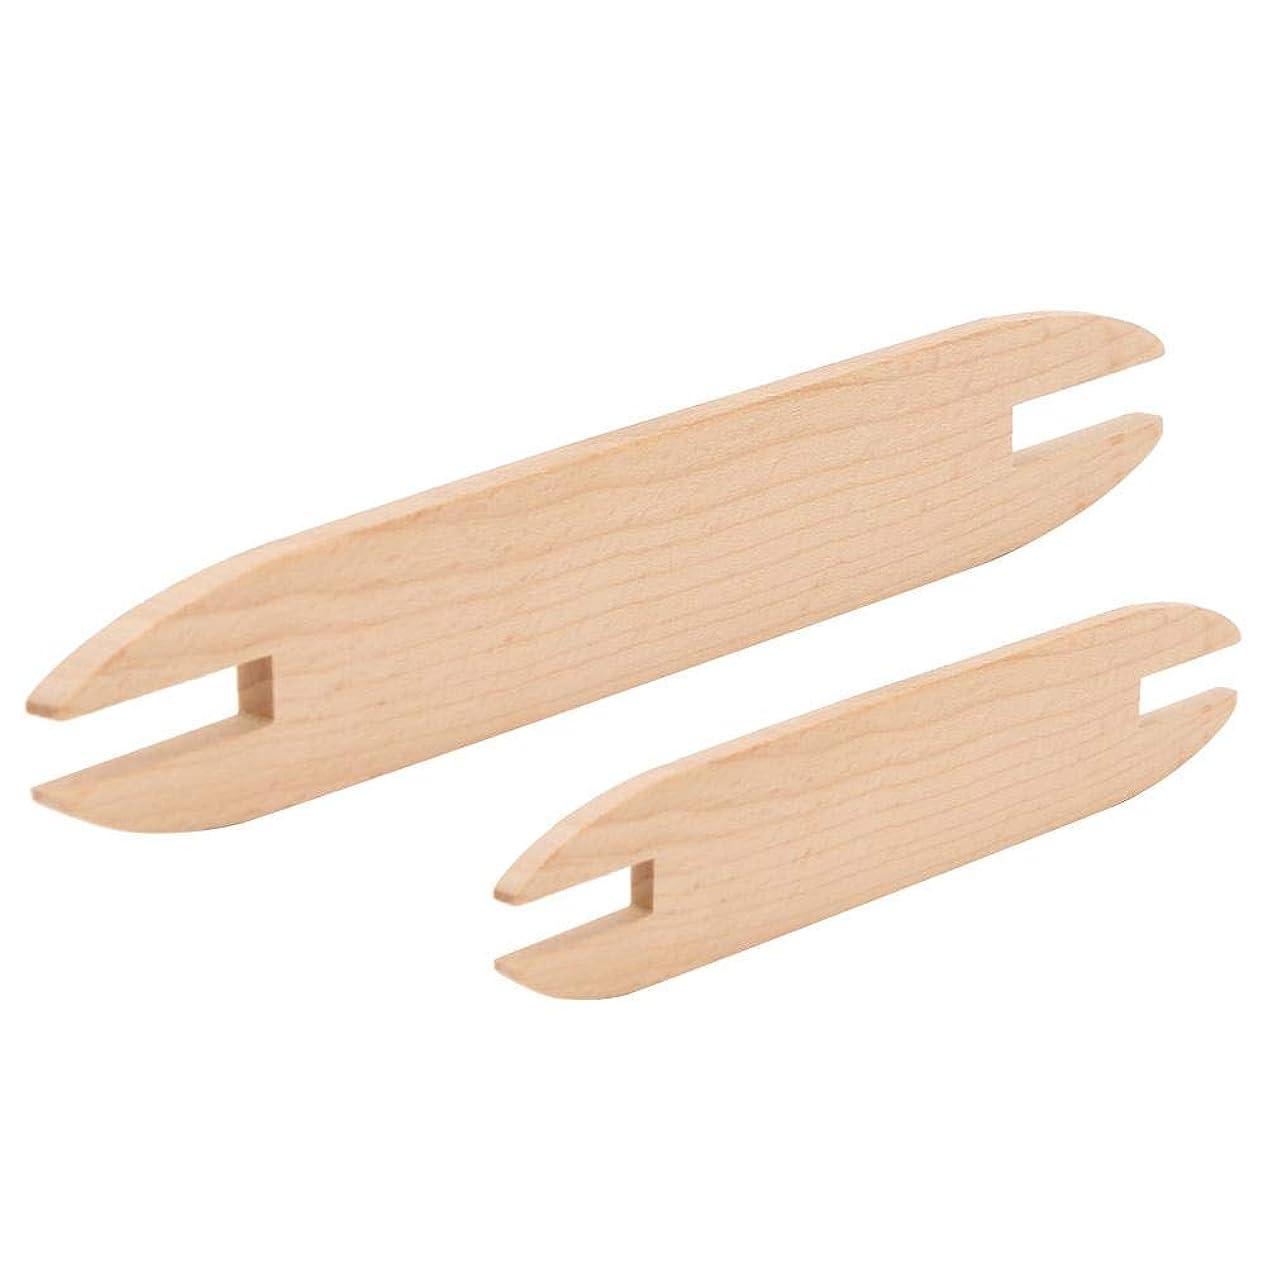 消す呼ぶ死DIY織りツール、木製シャトル、高品質の木材製織シャトル、ソーイングプロセス編み糸掃除が簡単耐久性